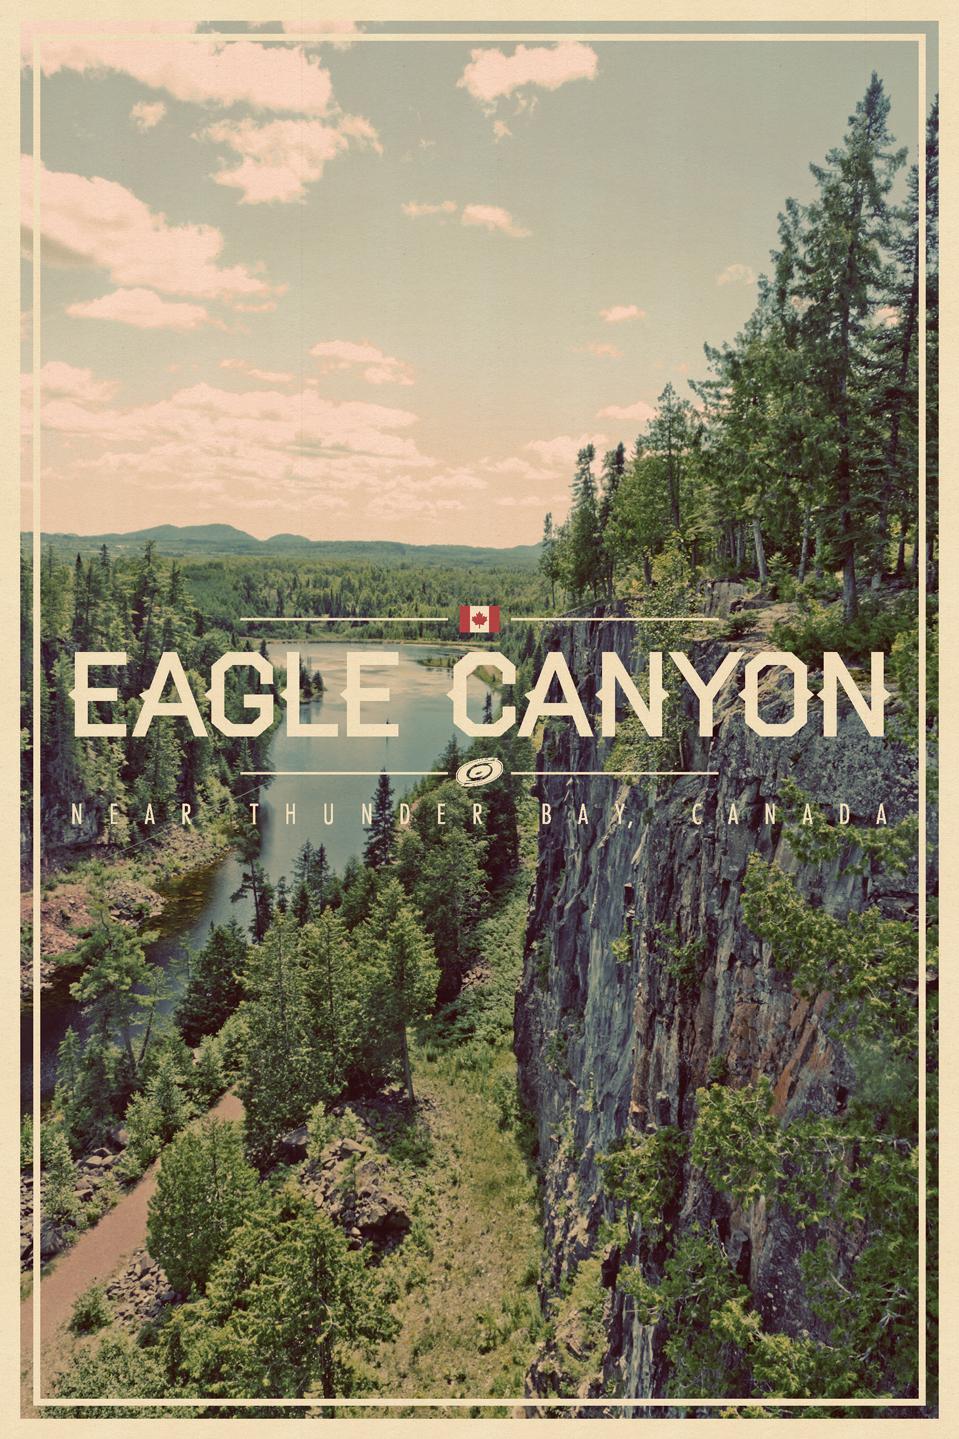 2013—Eagle Canyon